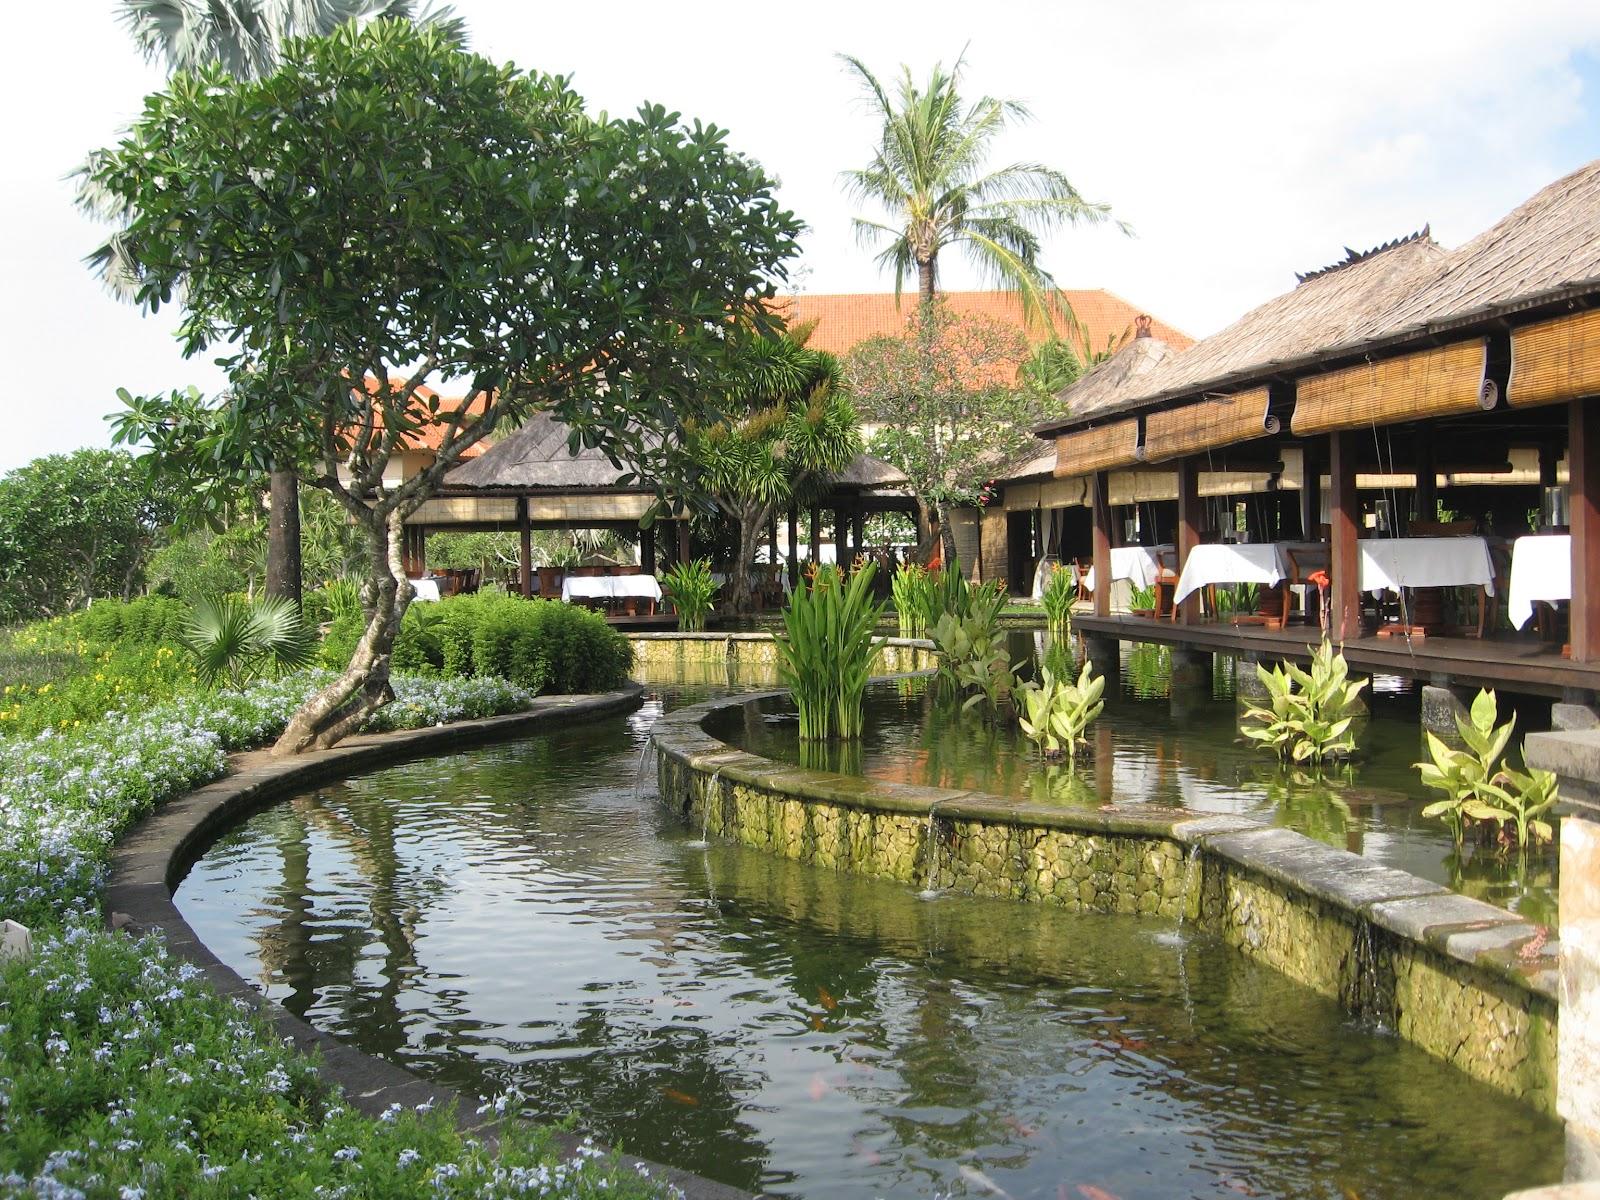 gambar pemandangan desa indah desa wisata 300x210 download